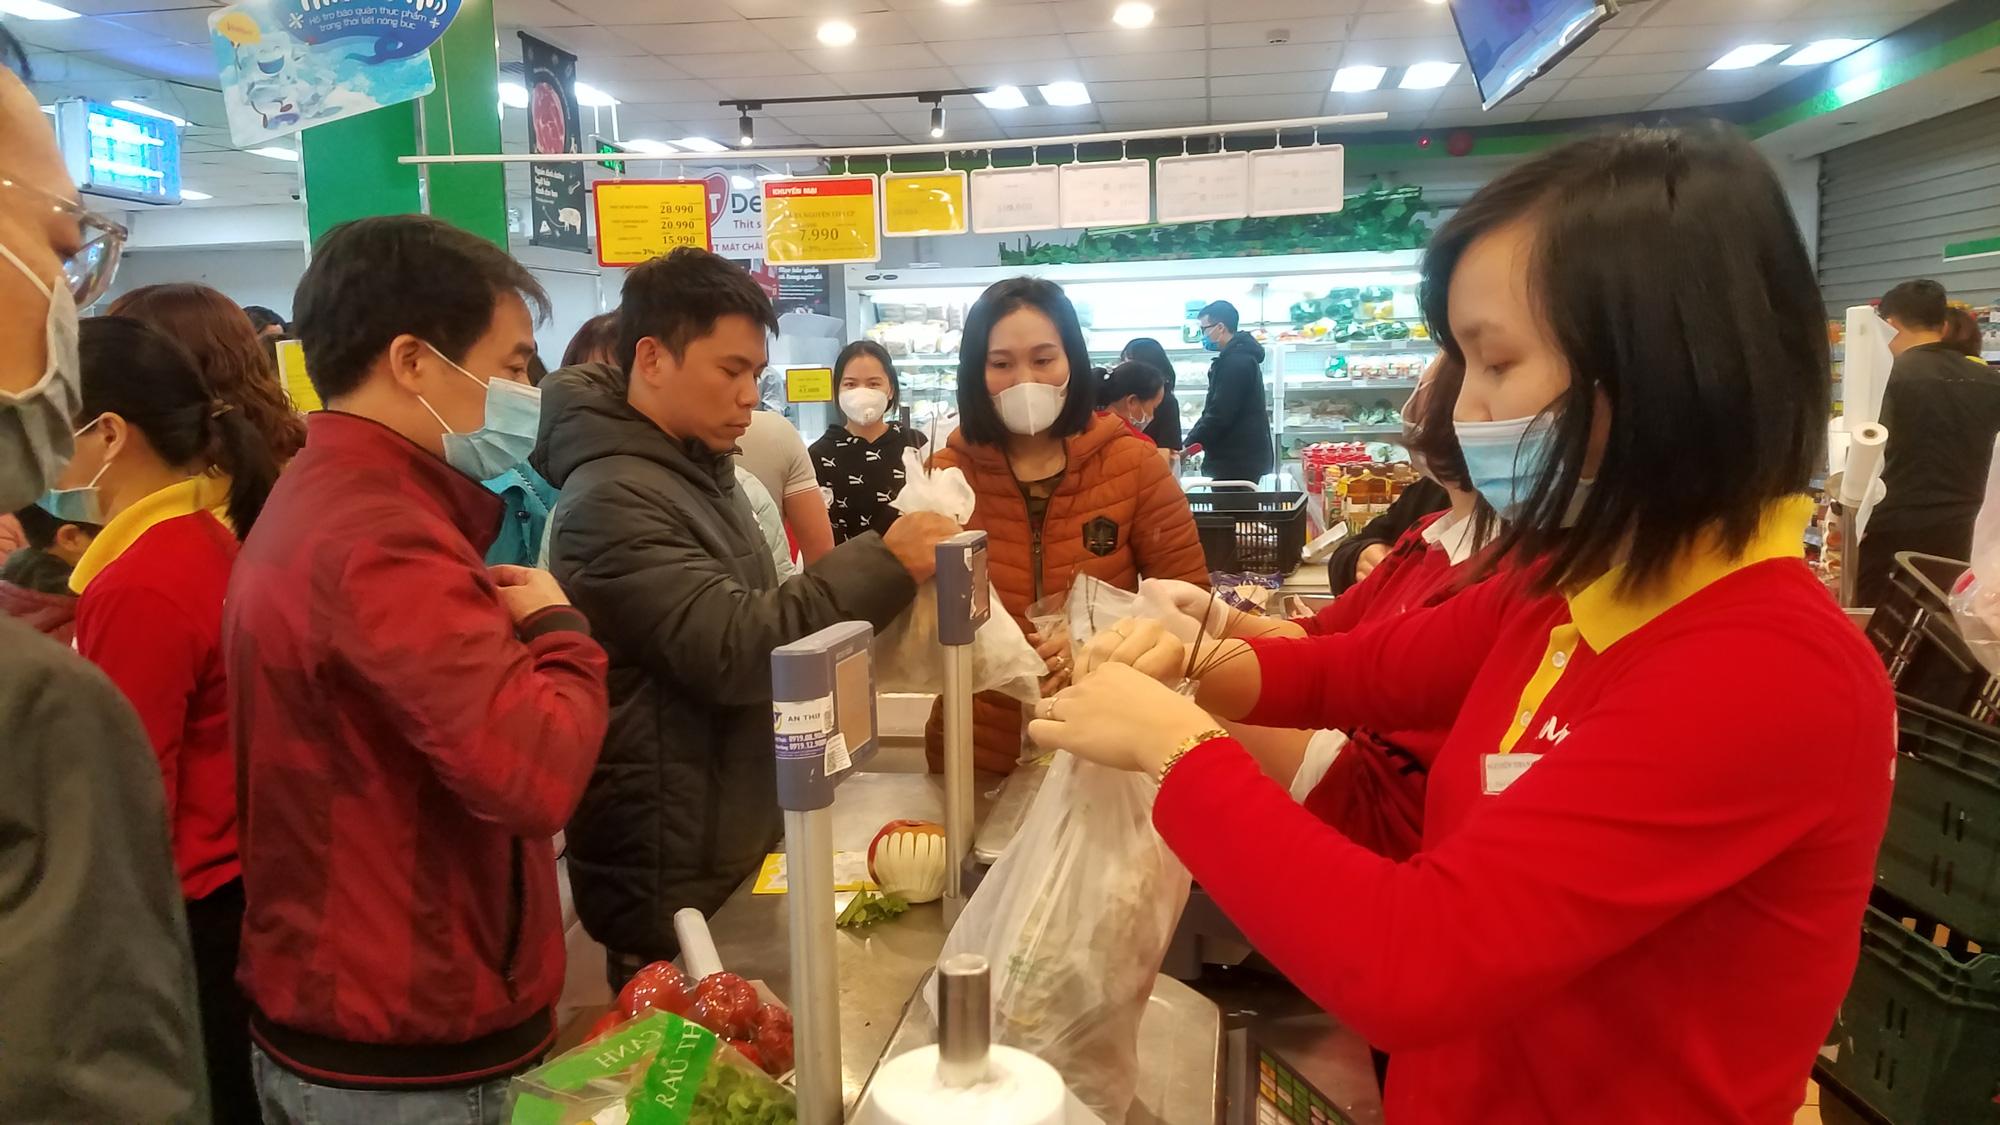 Hãi hùng cảnh tượng người Hà Nội chen lấn, giành giật để mua tôm hùm giảm giá - Ảnh 5.